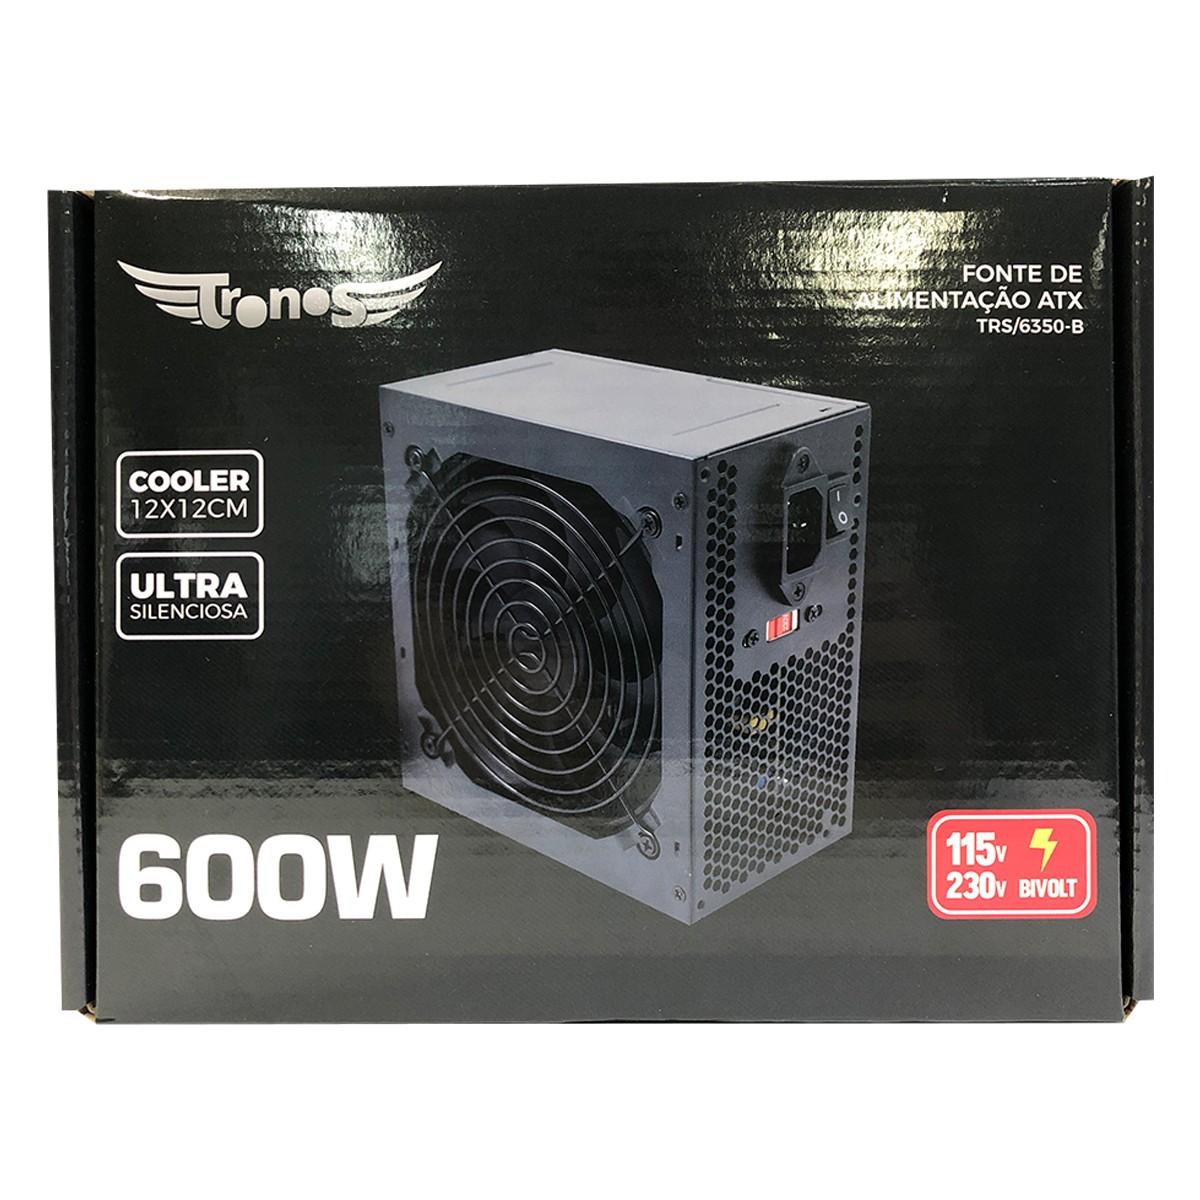 Fonte ATX Tronos TN/6350-B 600W Real Bivolt